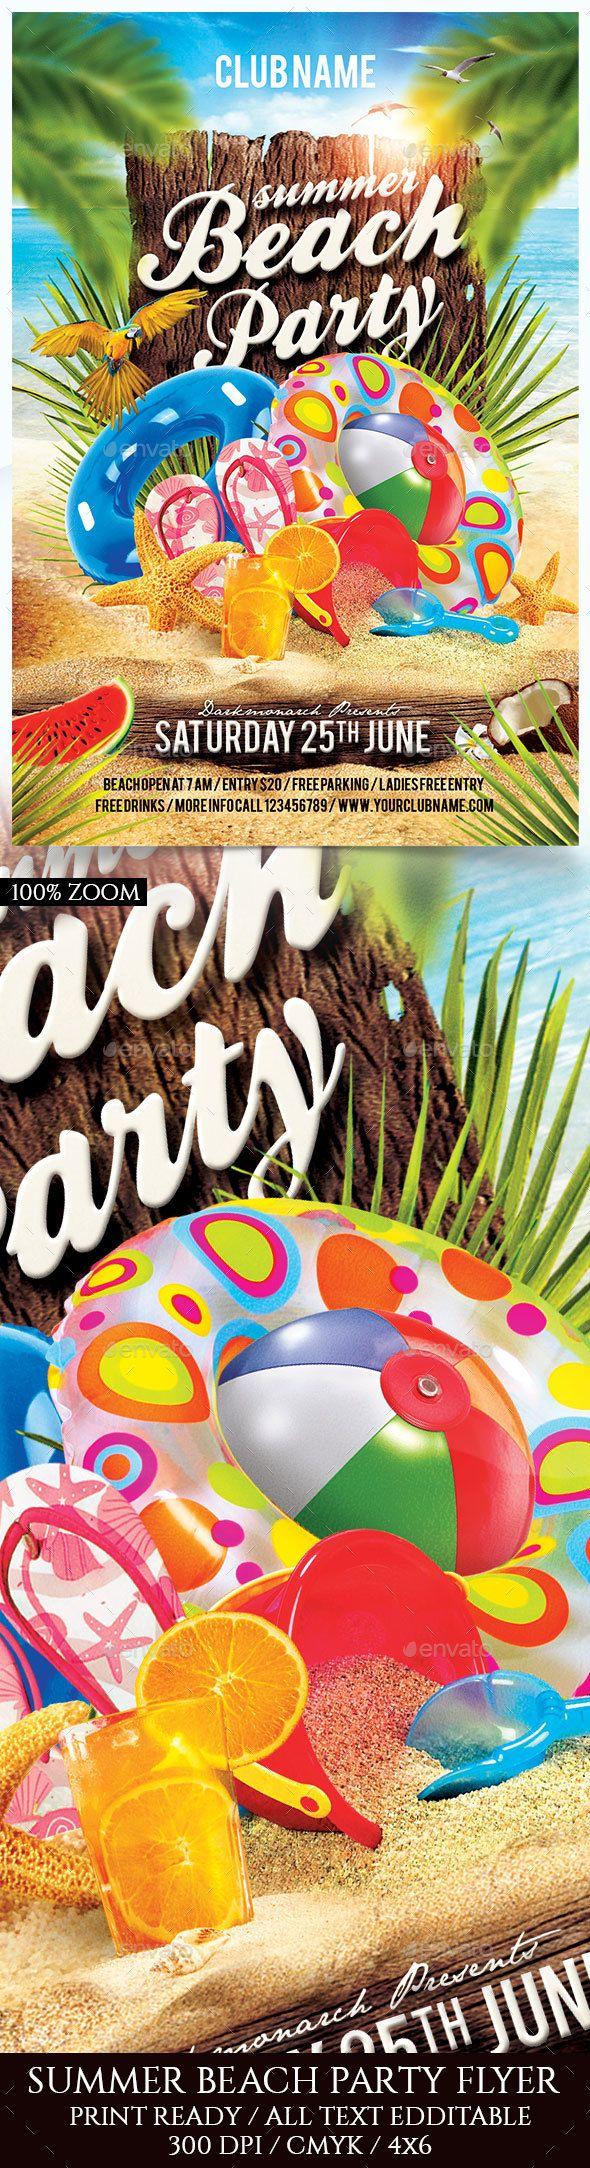 Summer Beach Party Flyer Template | Flyer-Vorlage, Sommer und ...